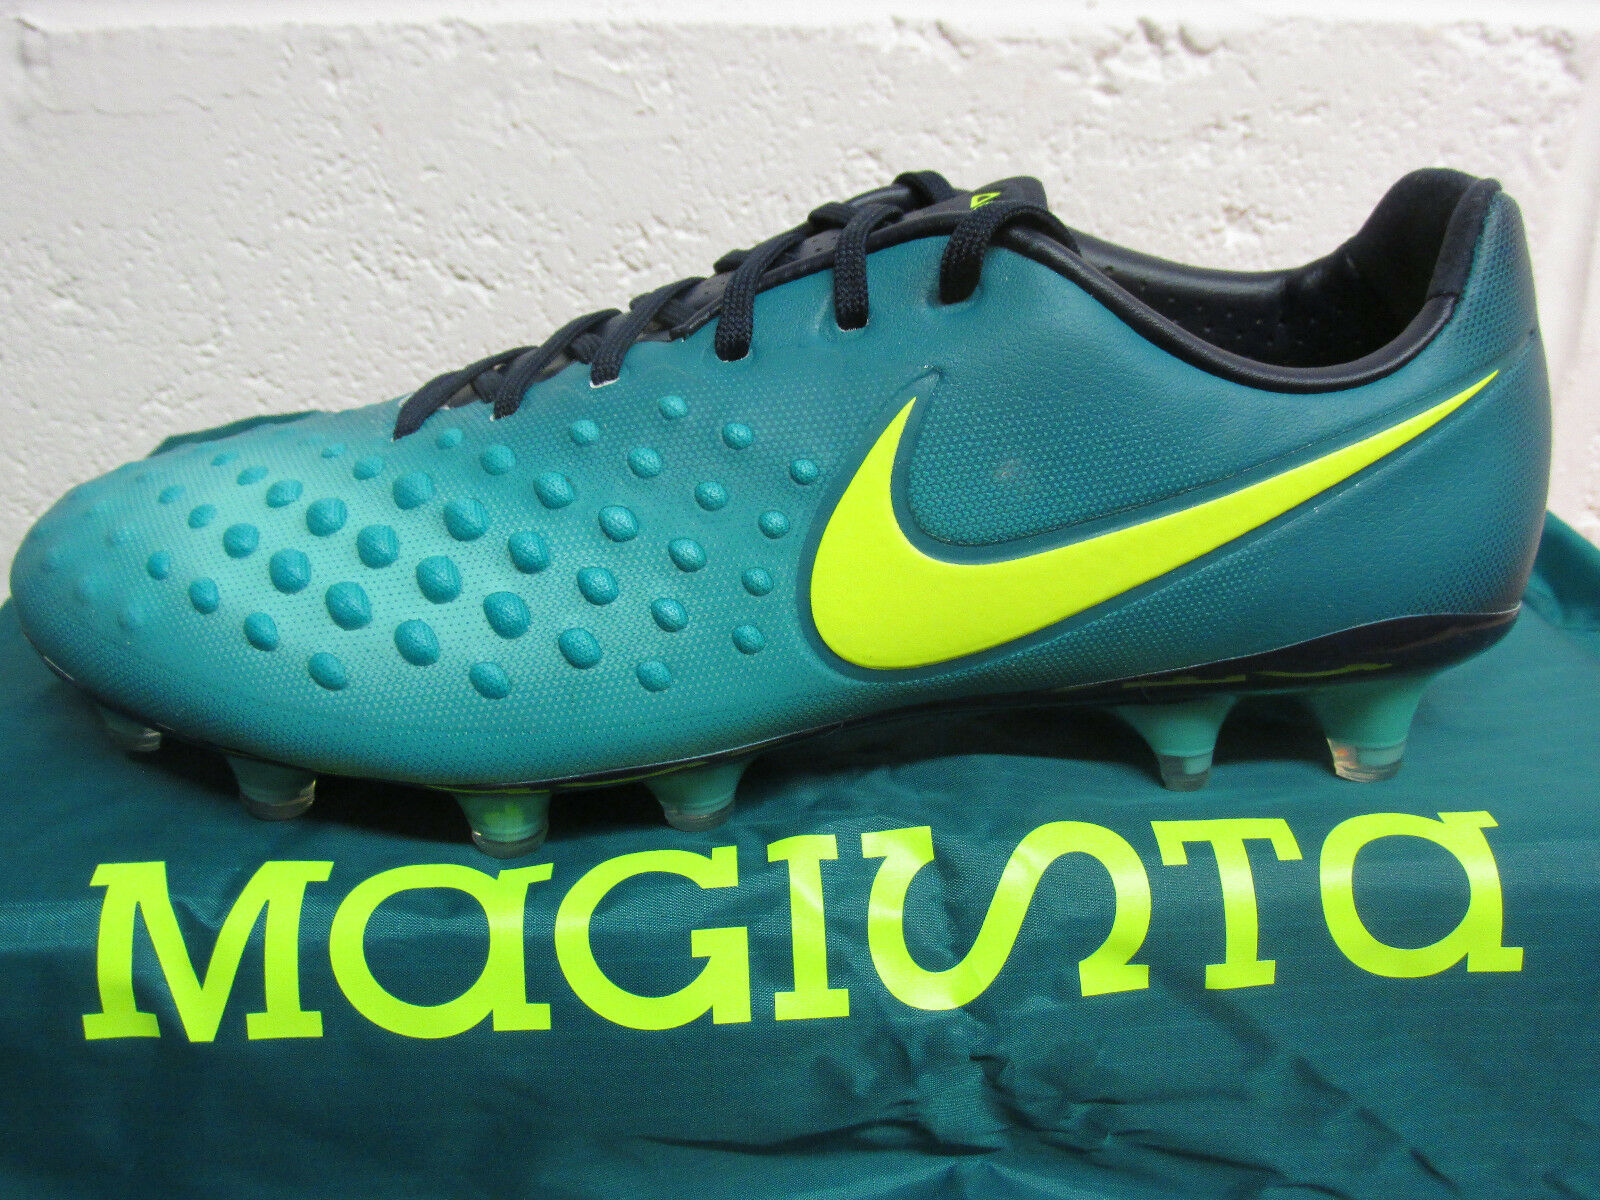 Nike Magista Opus II Fg Scarpe da Calcio Uomo 843813 375 Tacchetti da Calcio